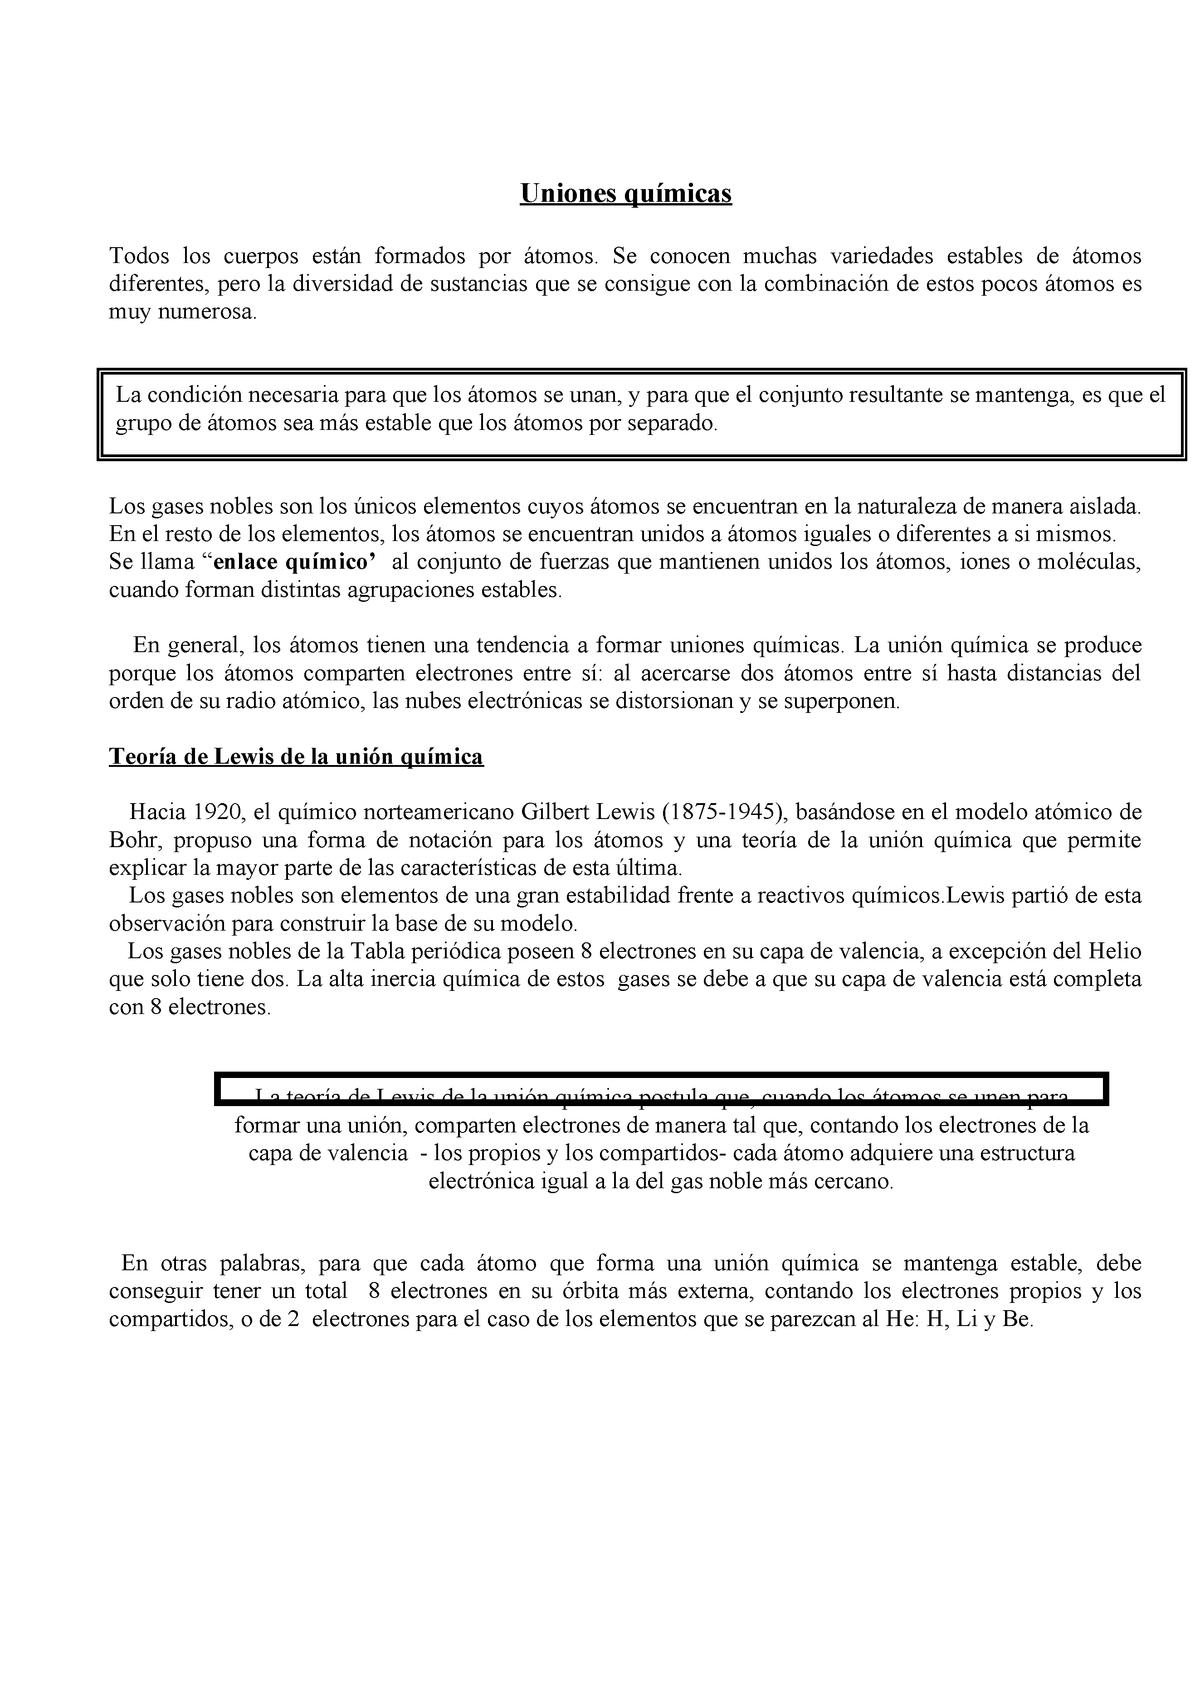 Uniones Quc3admicas Teoria Quimica General Unc Studocu